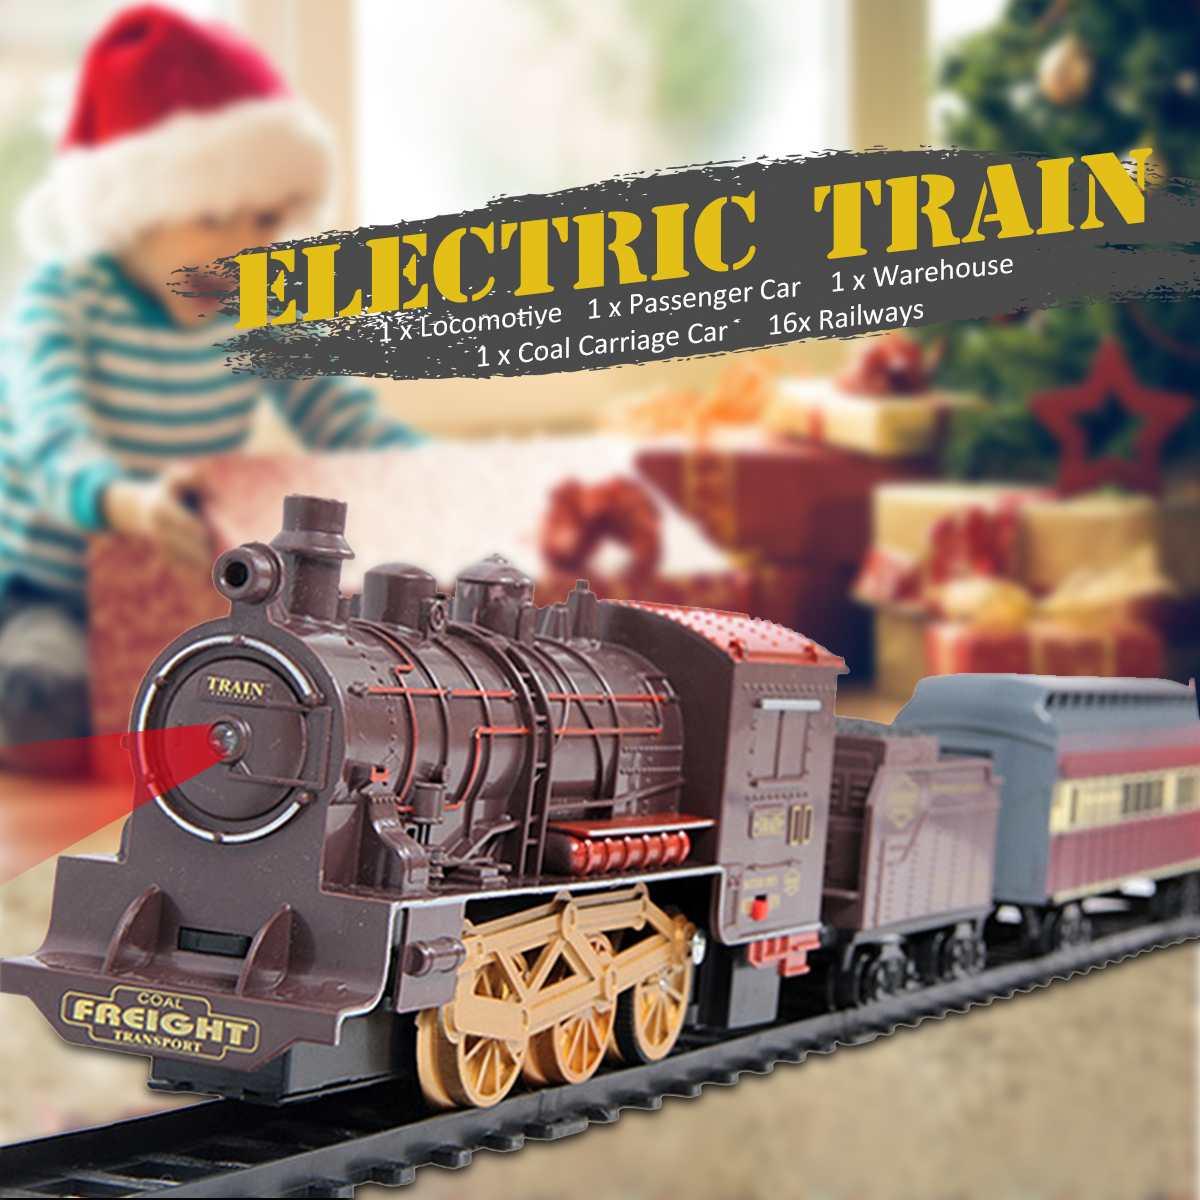 Электрический динамический паровой трек поезд набор 4 автомобилей моделирование пассажирская карета дети железная дорога игрушка подарок на день рождения обучающая игрушка